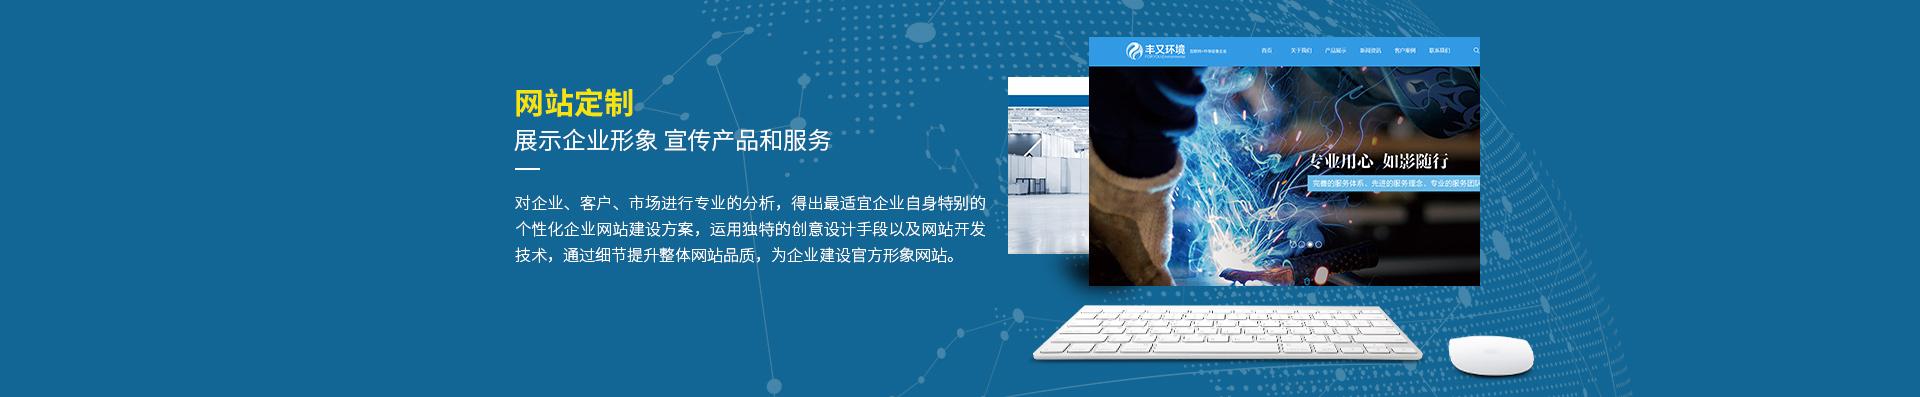 企业网站_12博手机网12bet手机网12博 备用网址信息技术有限公司